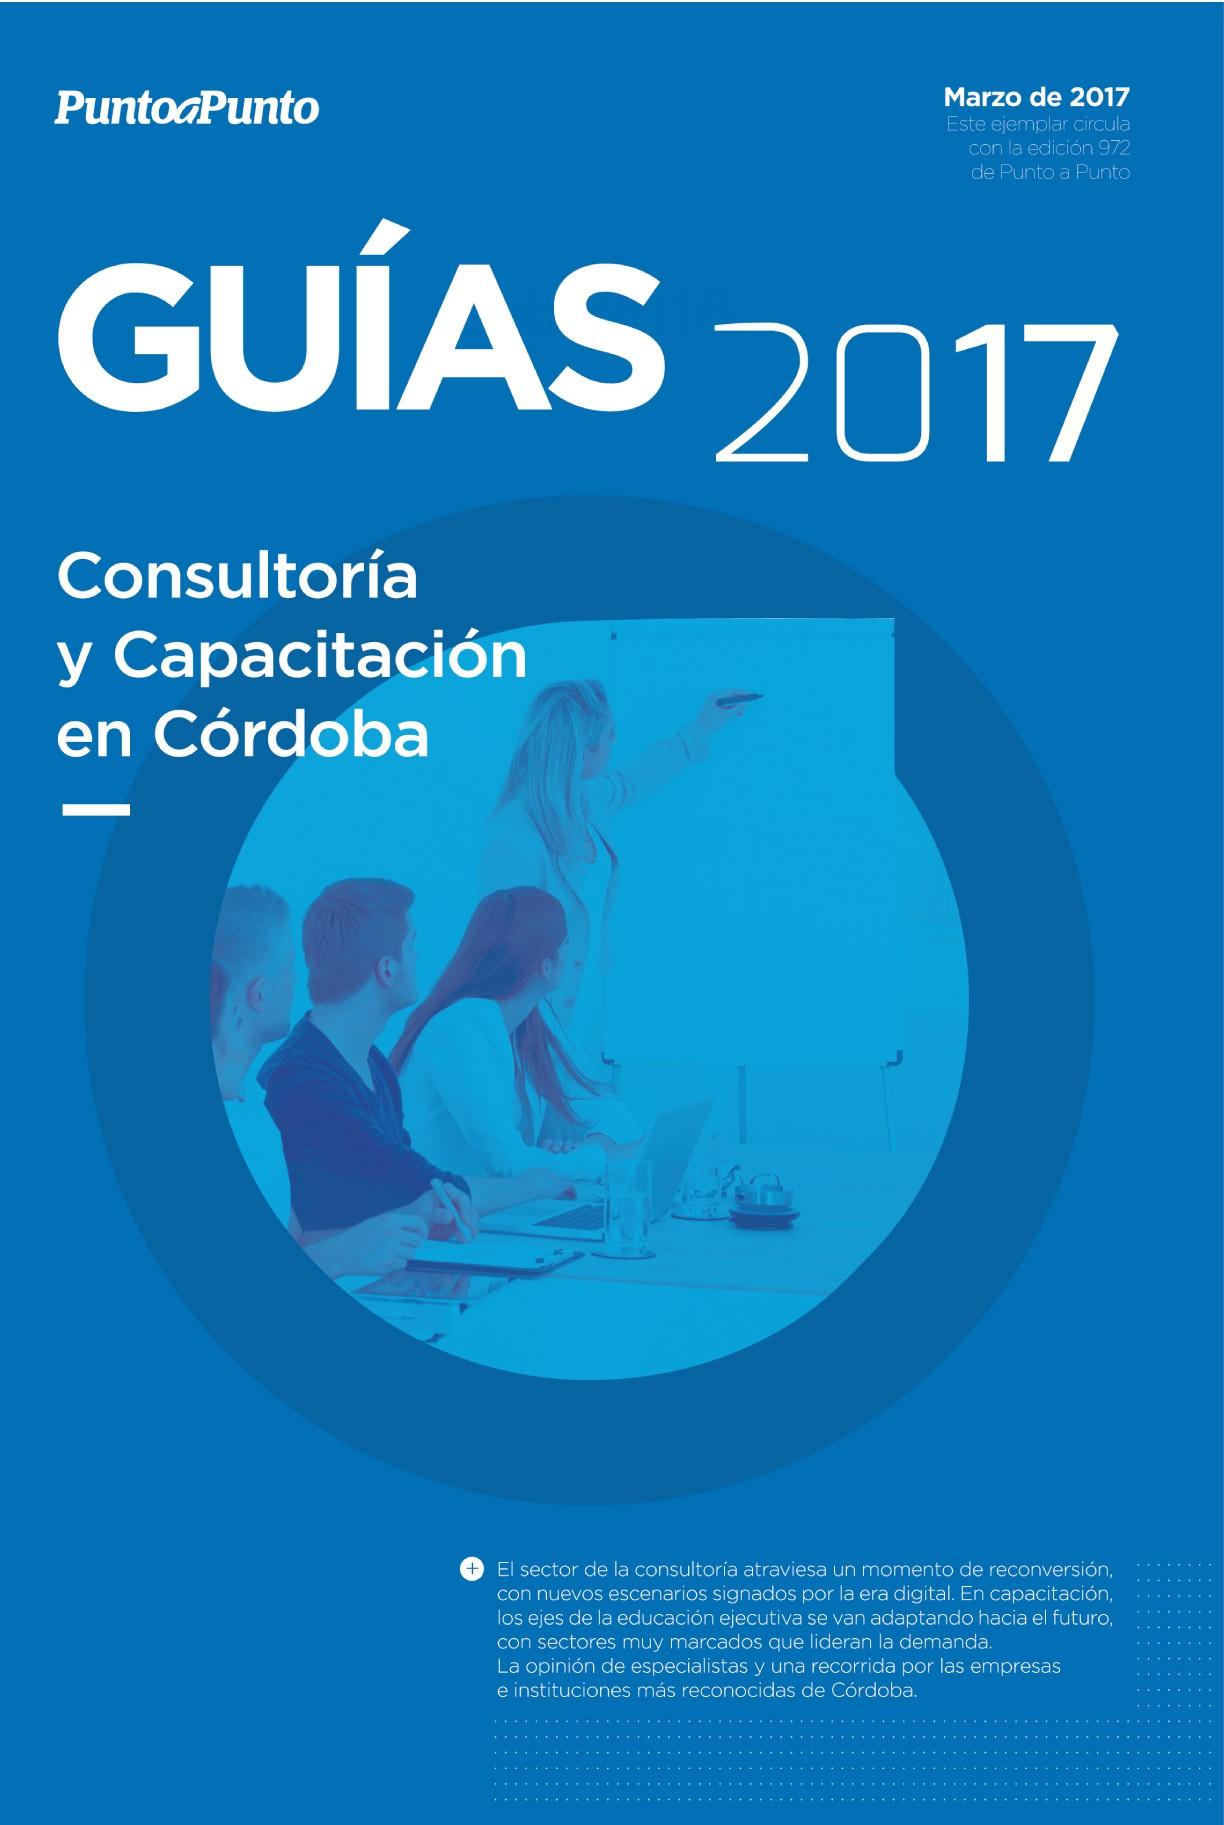 Marzo - Guías 2017 Consultoría y Capacitación en Córdoba